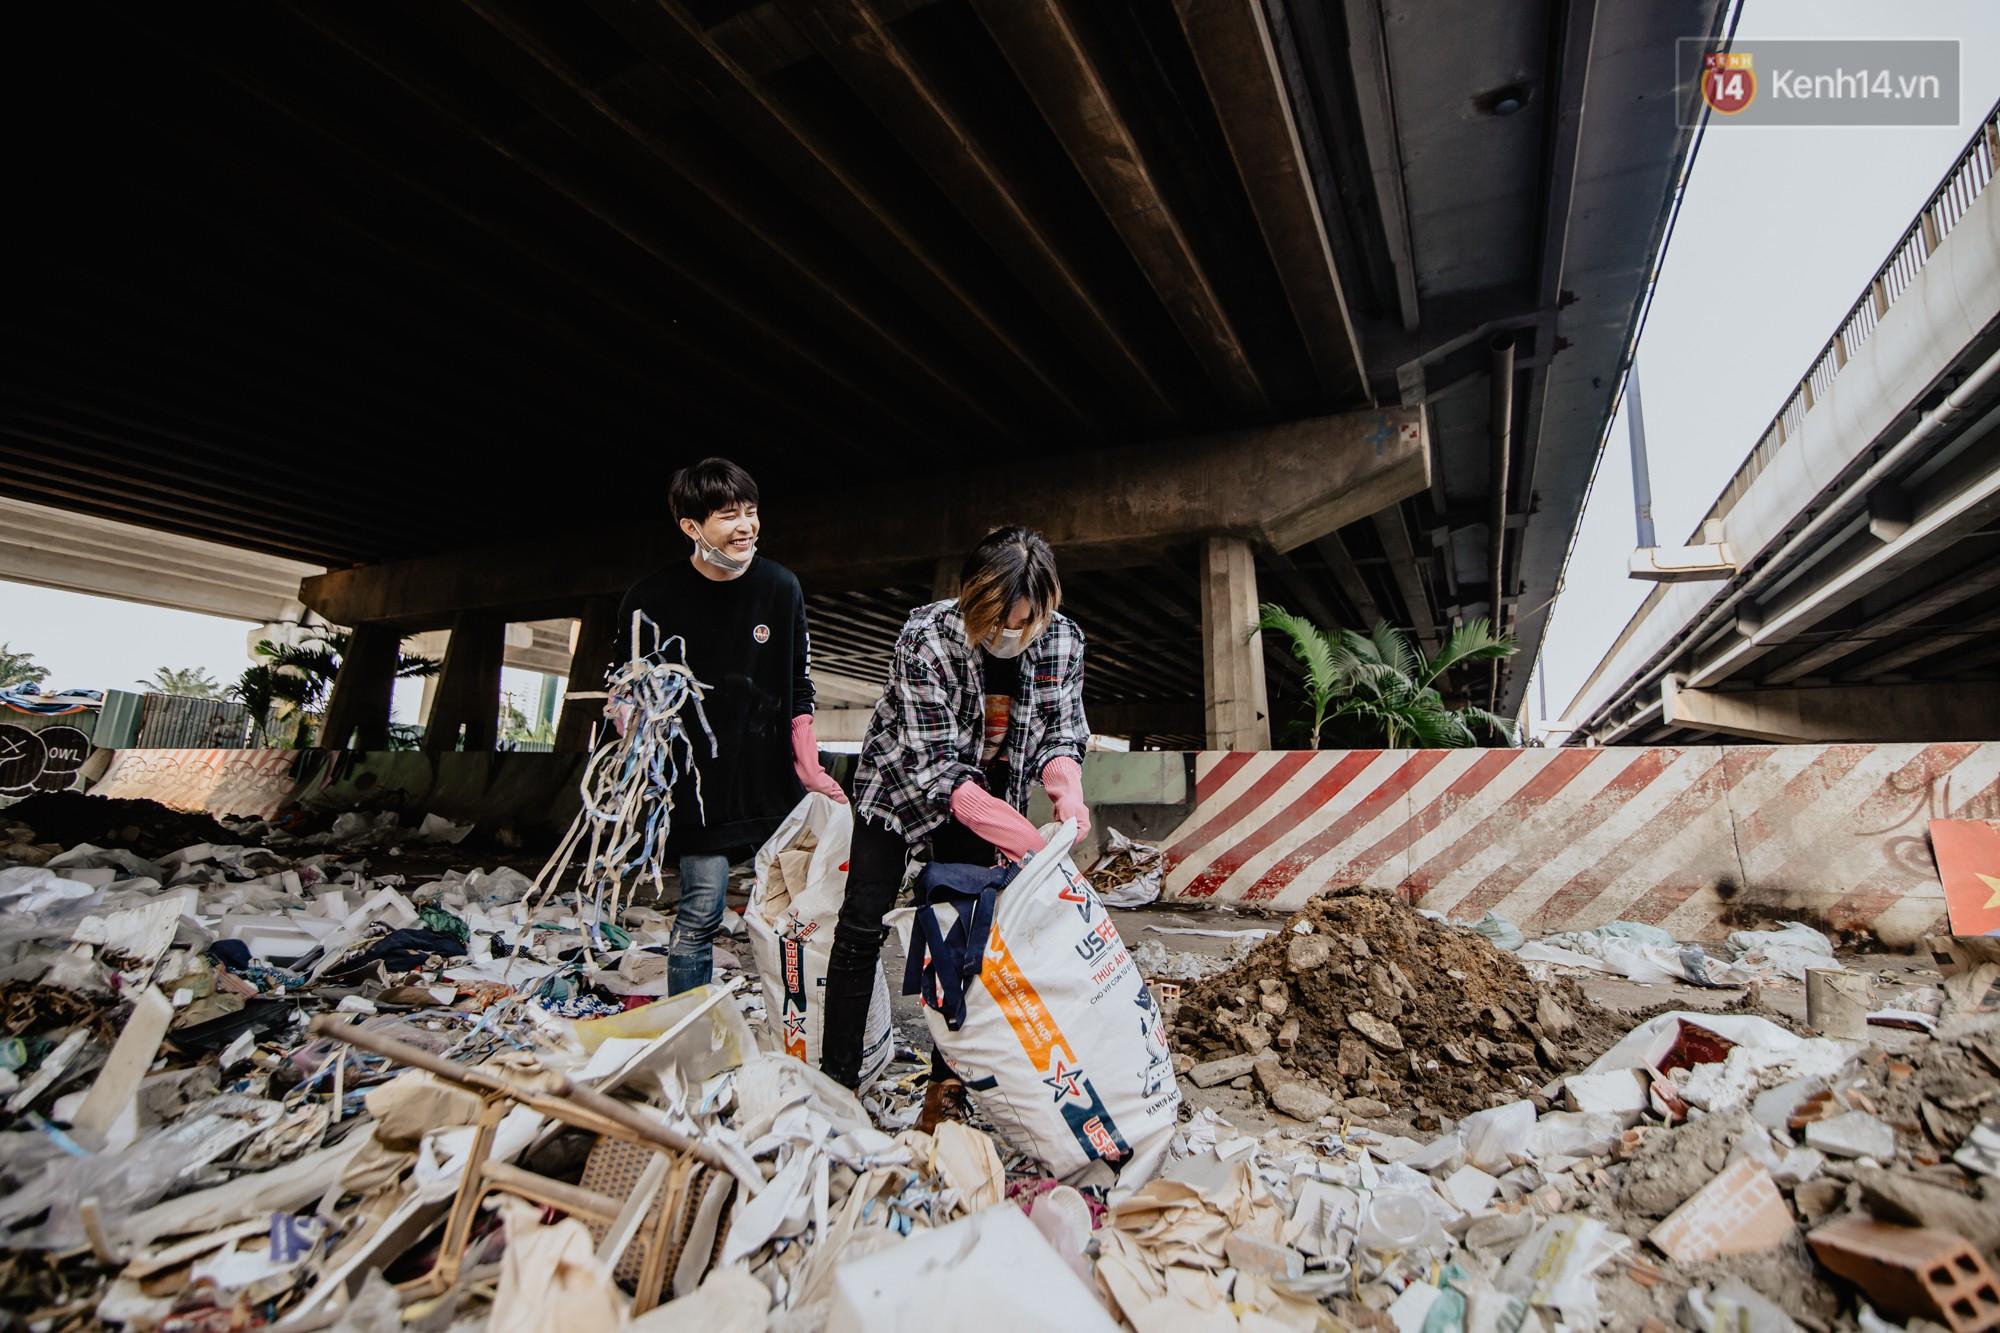 """Hoa hậu Phương Khánh, Han Sara và nhóm Uni5 nhiệt tình thực hiện """"Thử thách dọn rác"""", làm sạch rác dưới chân cầu Sài Gòn - Ảnh 5."""